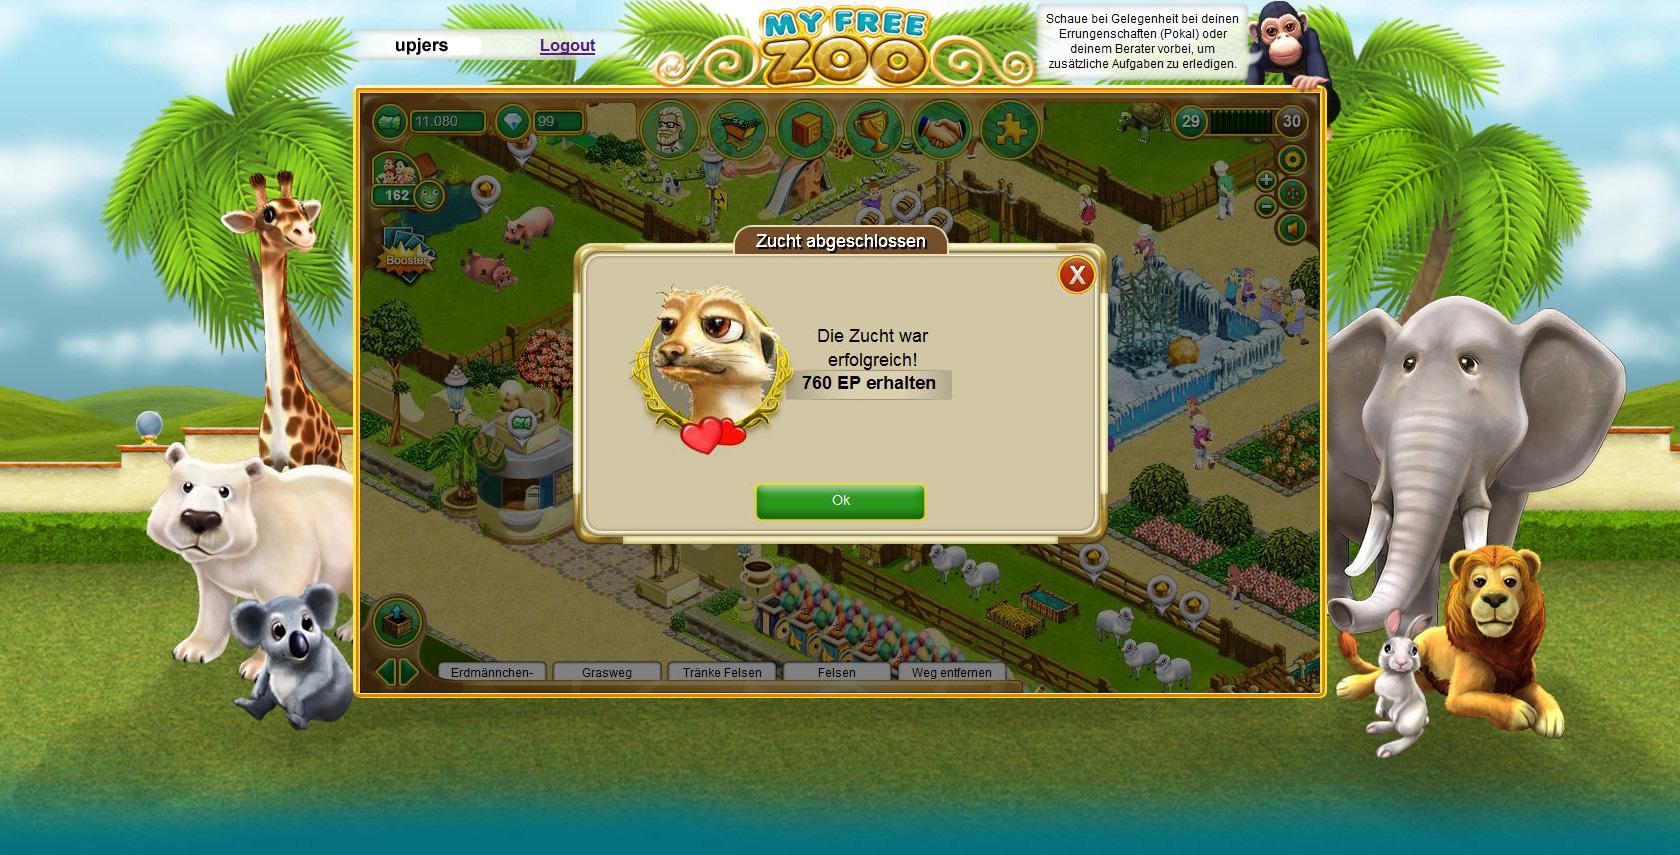 Tierzucht Spiele